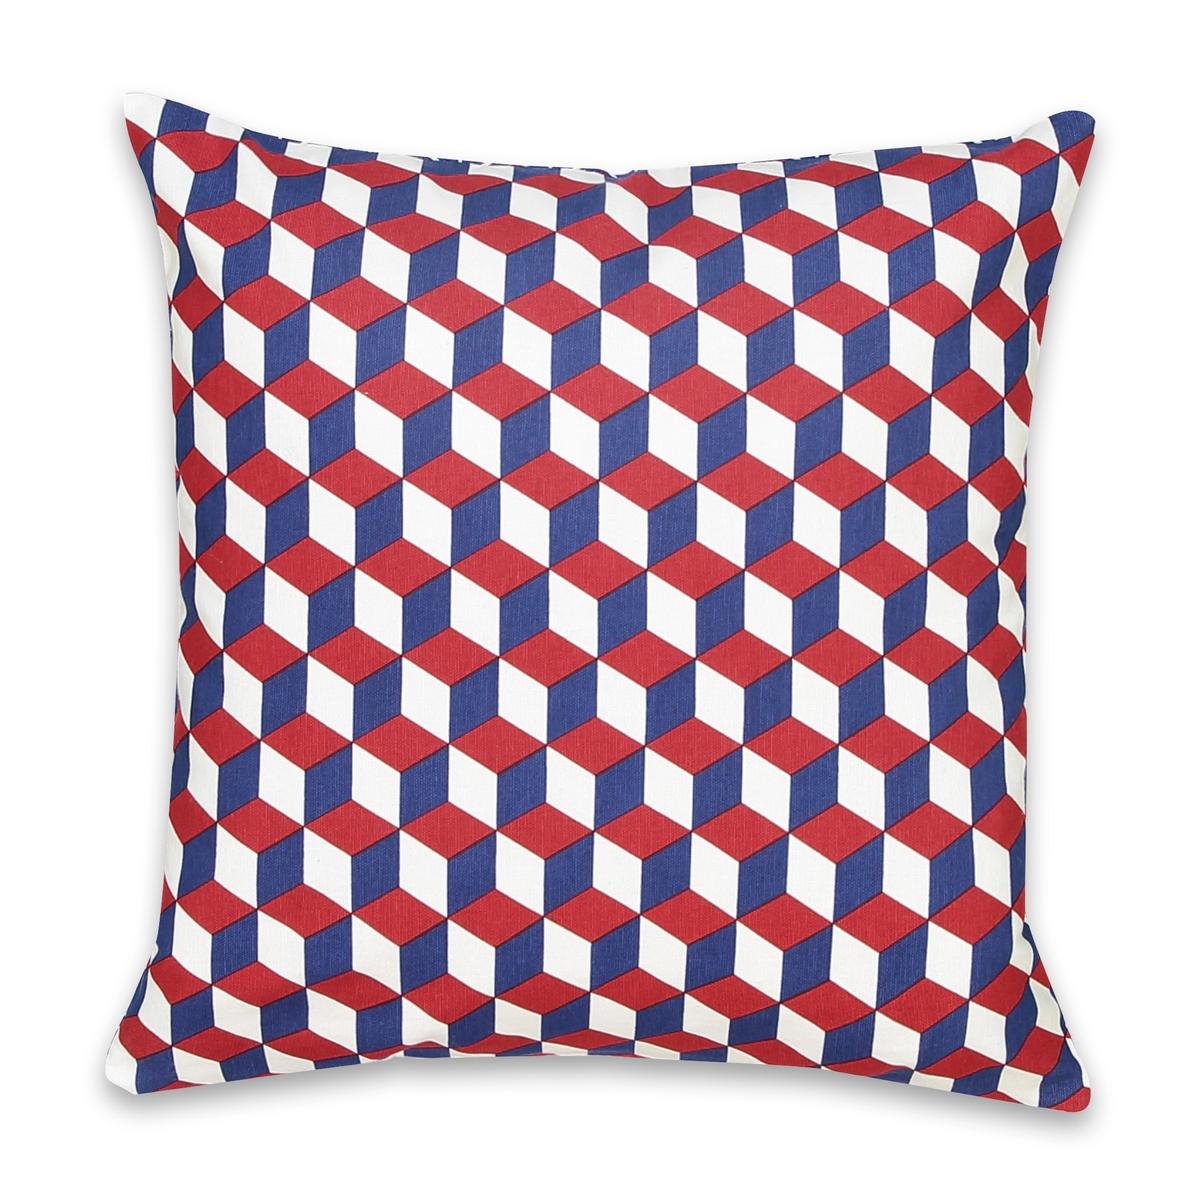 Чехол для подушкиЧехол для подушки Decio. Красивый геометрический рисунок с одной стороны, однотонный белый цвет с другой стороны. Застежка на скрытую молнию в тон. Стирка при 30°. 100% хлопка. Размер: 40 х 40 см.<br><br>Цвет: красный/ синий,Медовый/черный